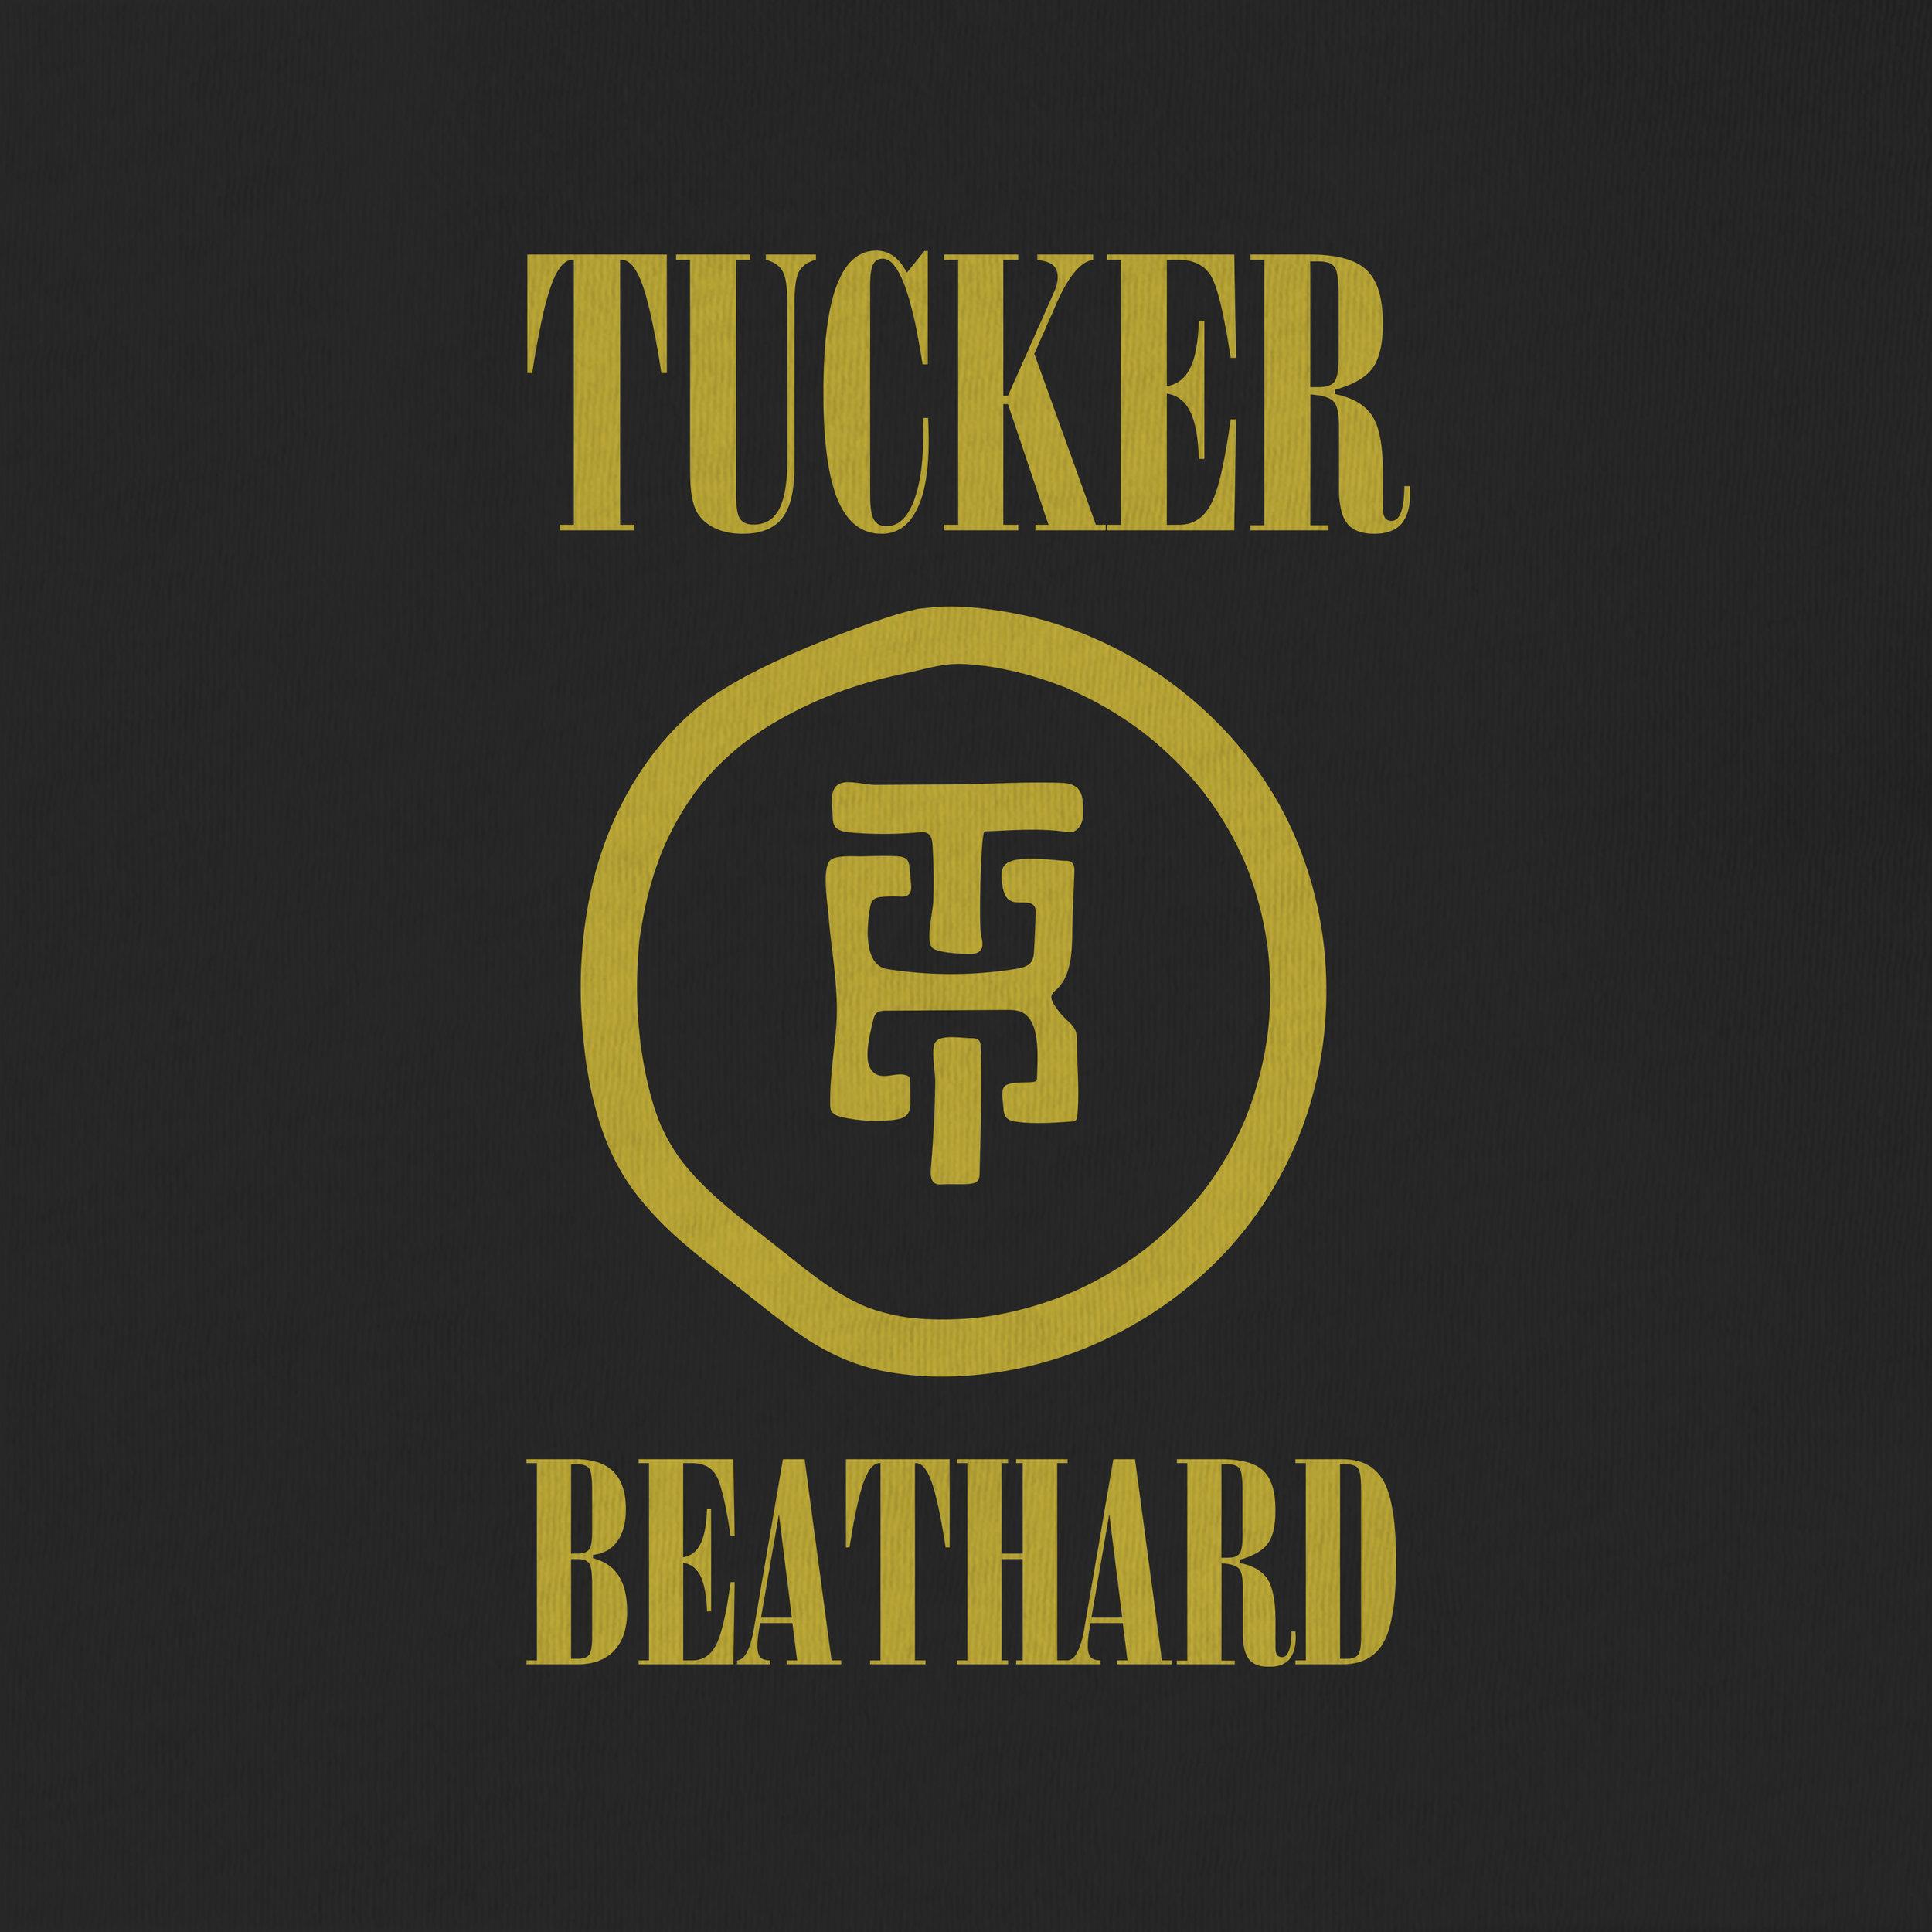 tucker-beathard-monogram.jpg